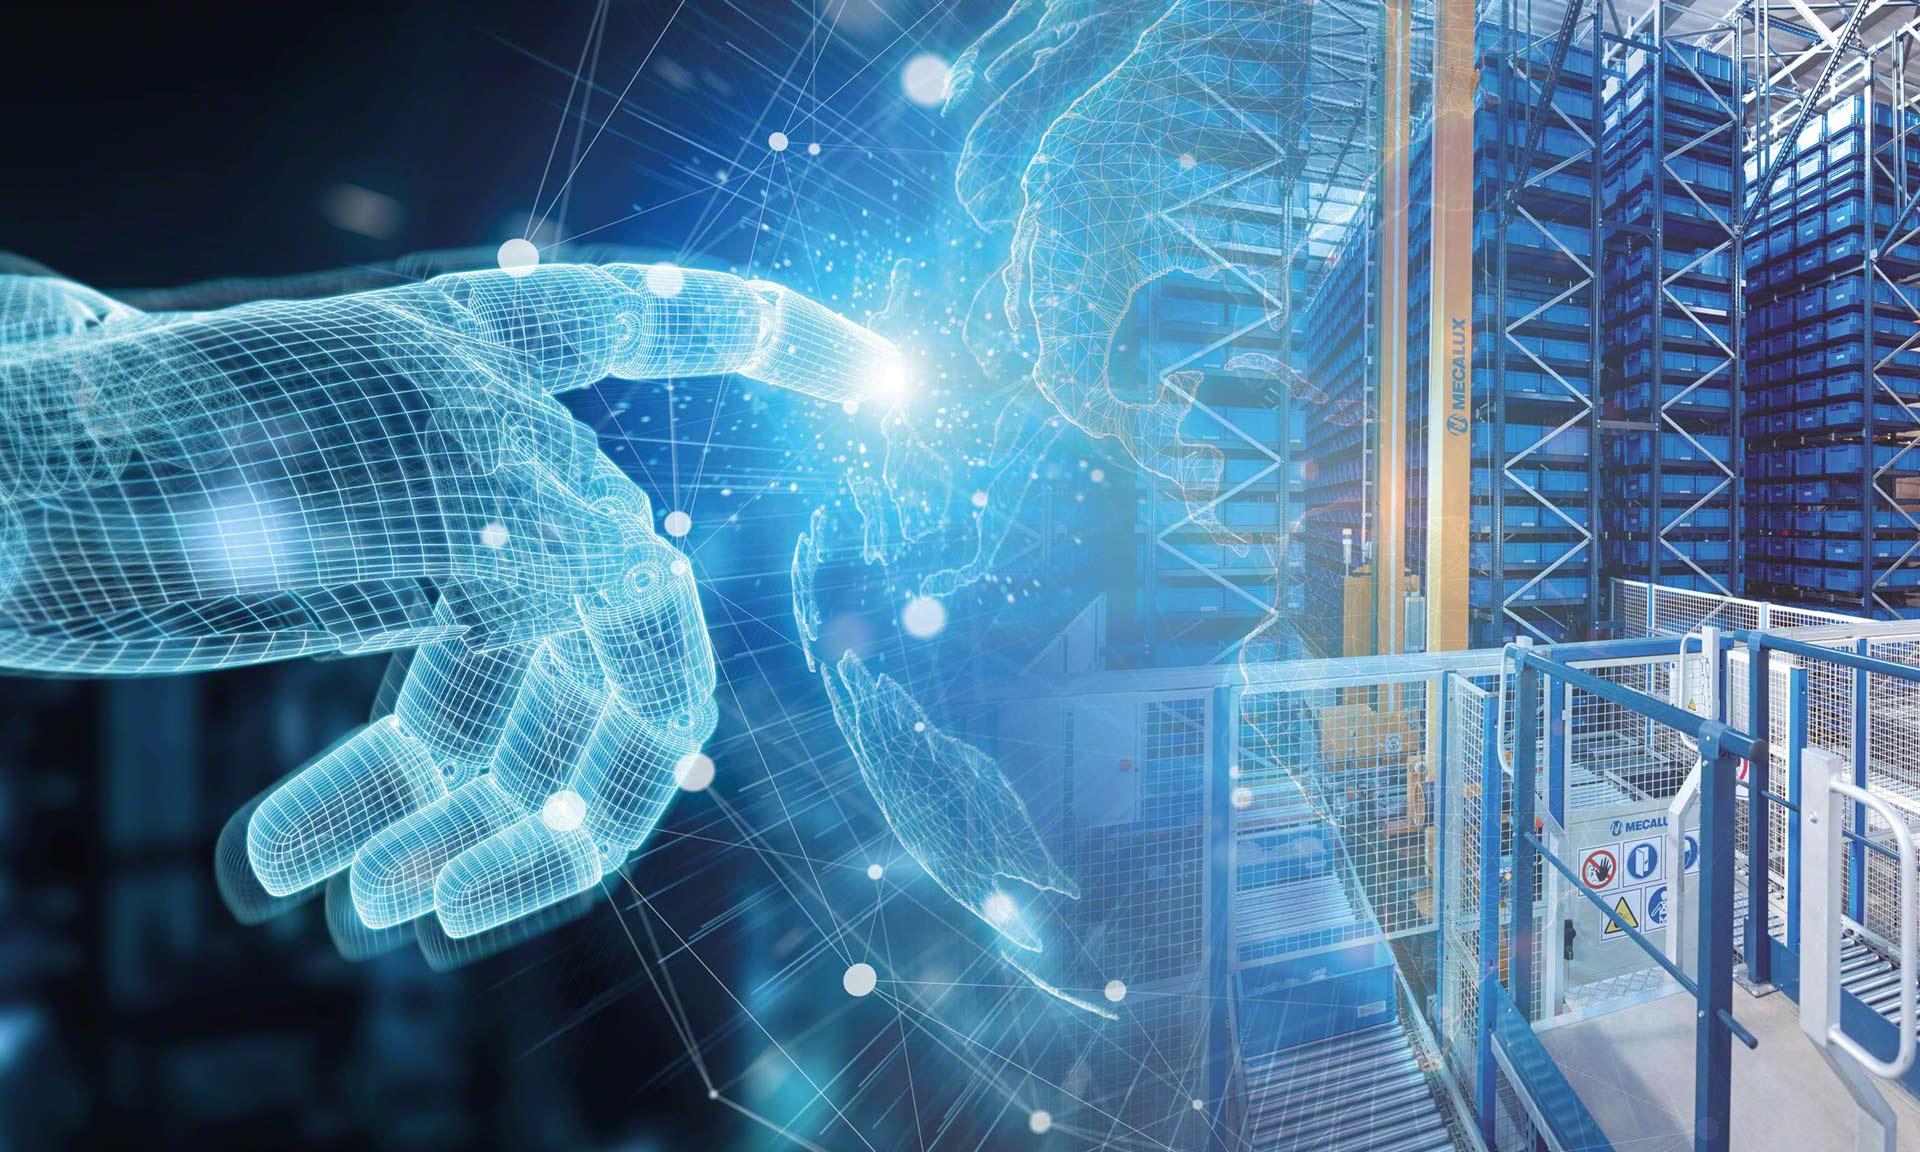 La logística inteligente emplea el uso de tecnologías como blockchain o IoT para el beneficio del almacén